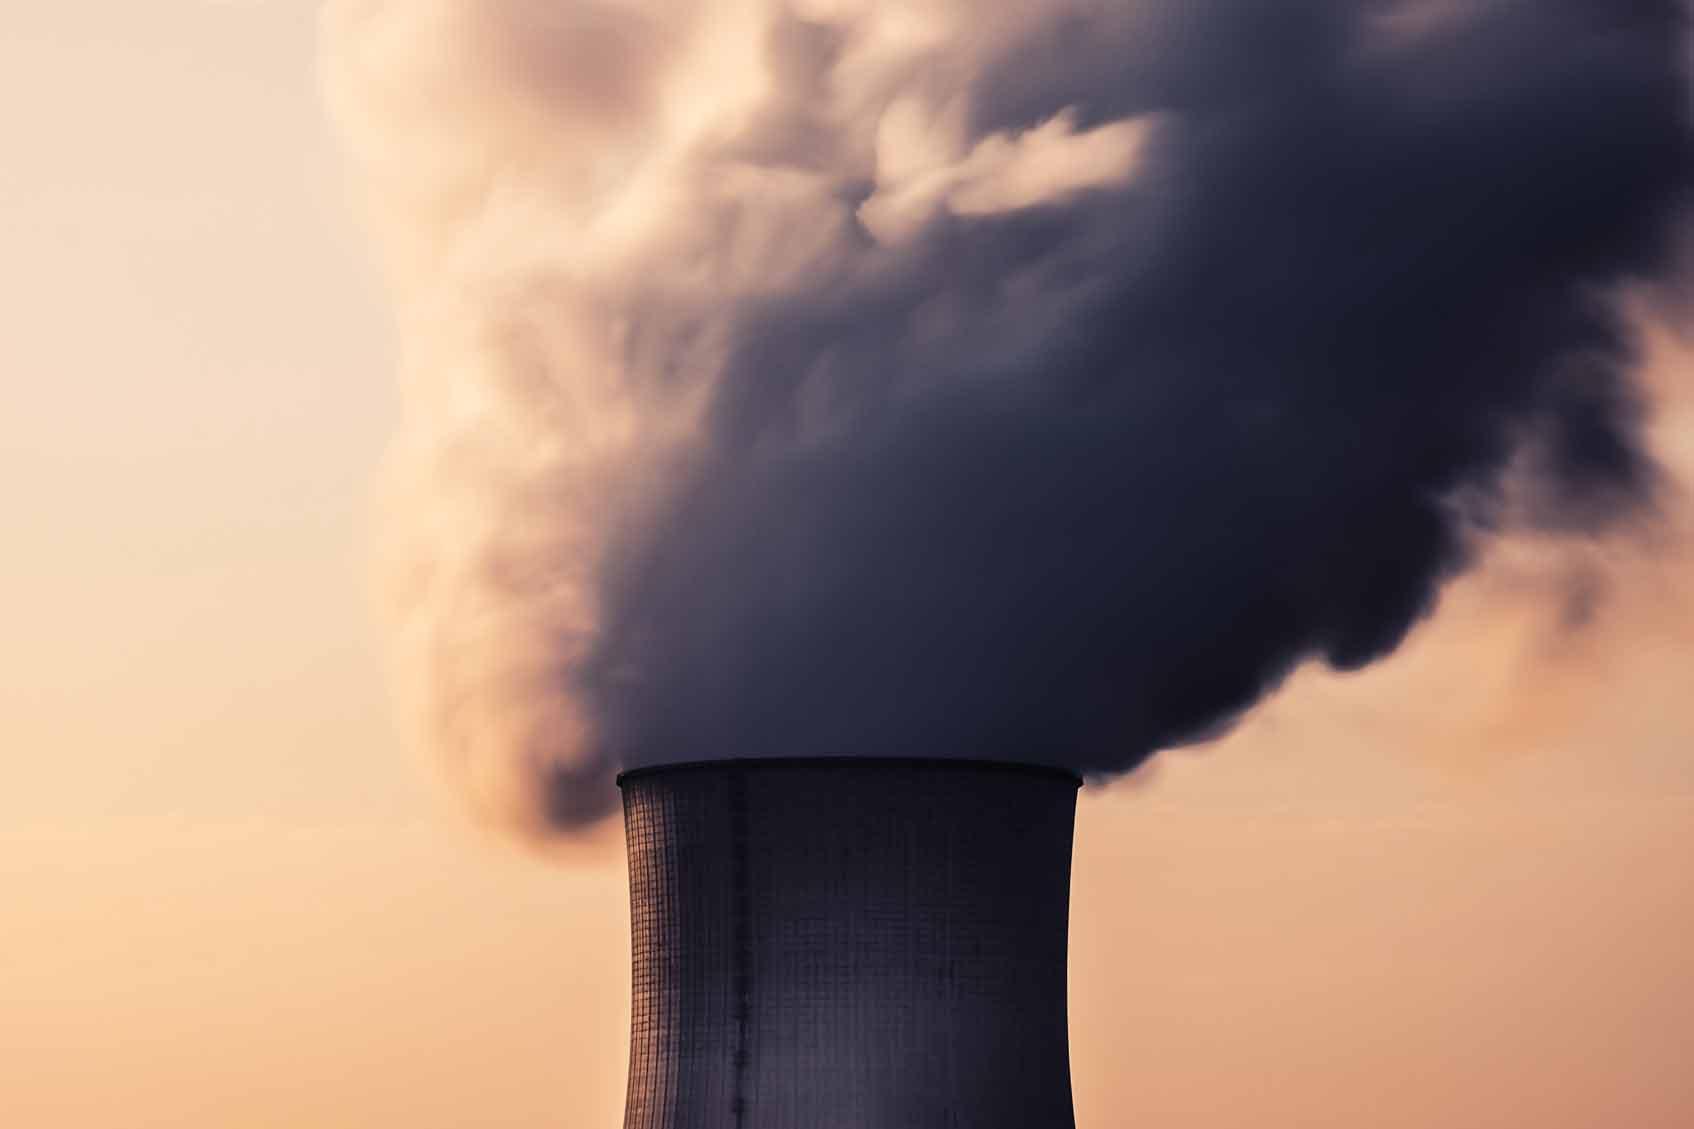 загрязнение воздуха сжигание мусора